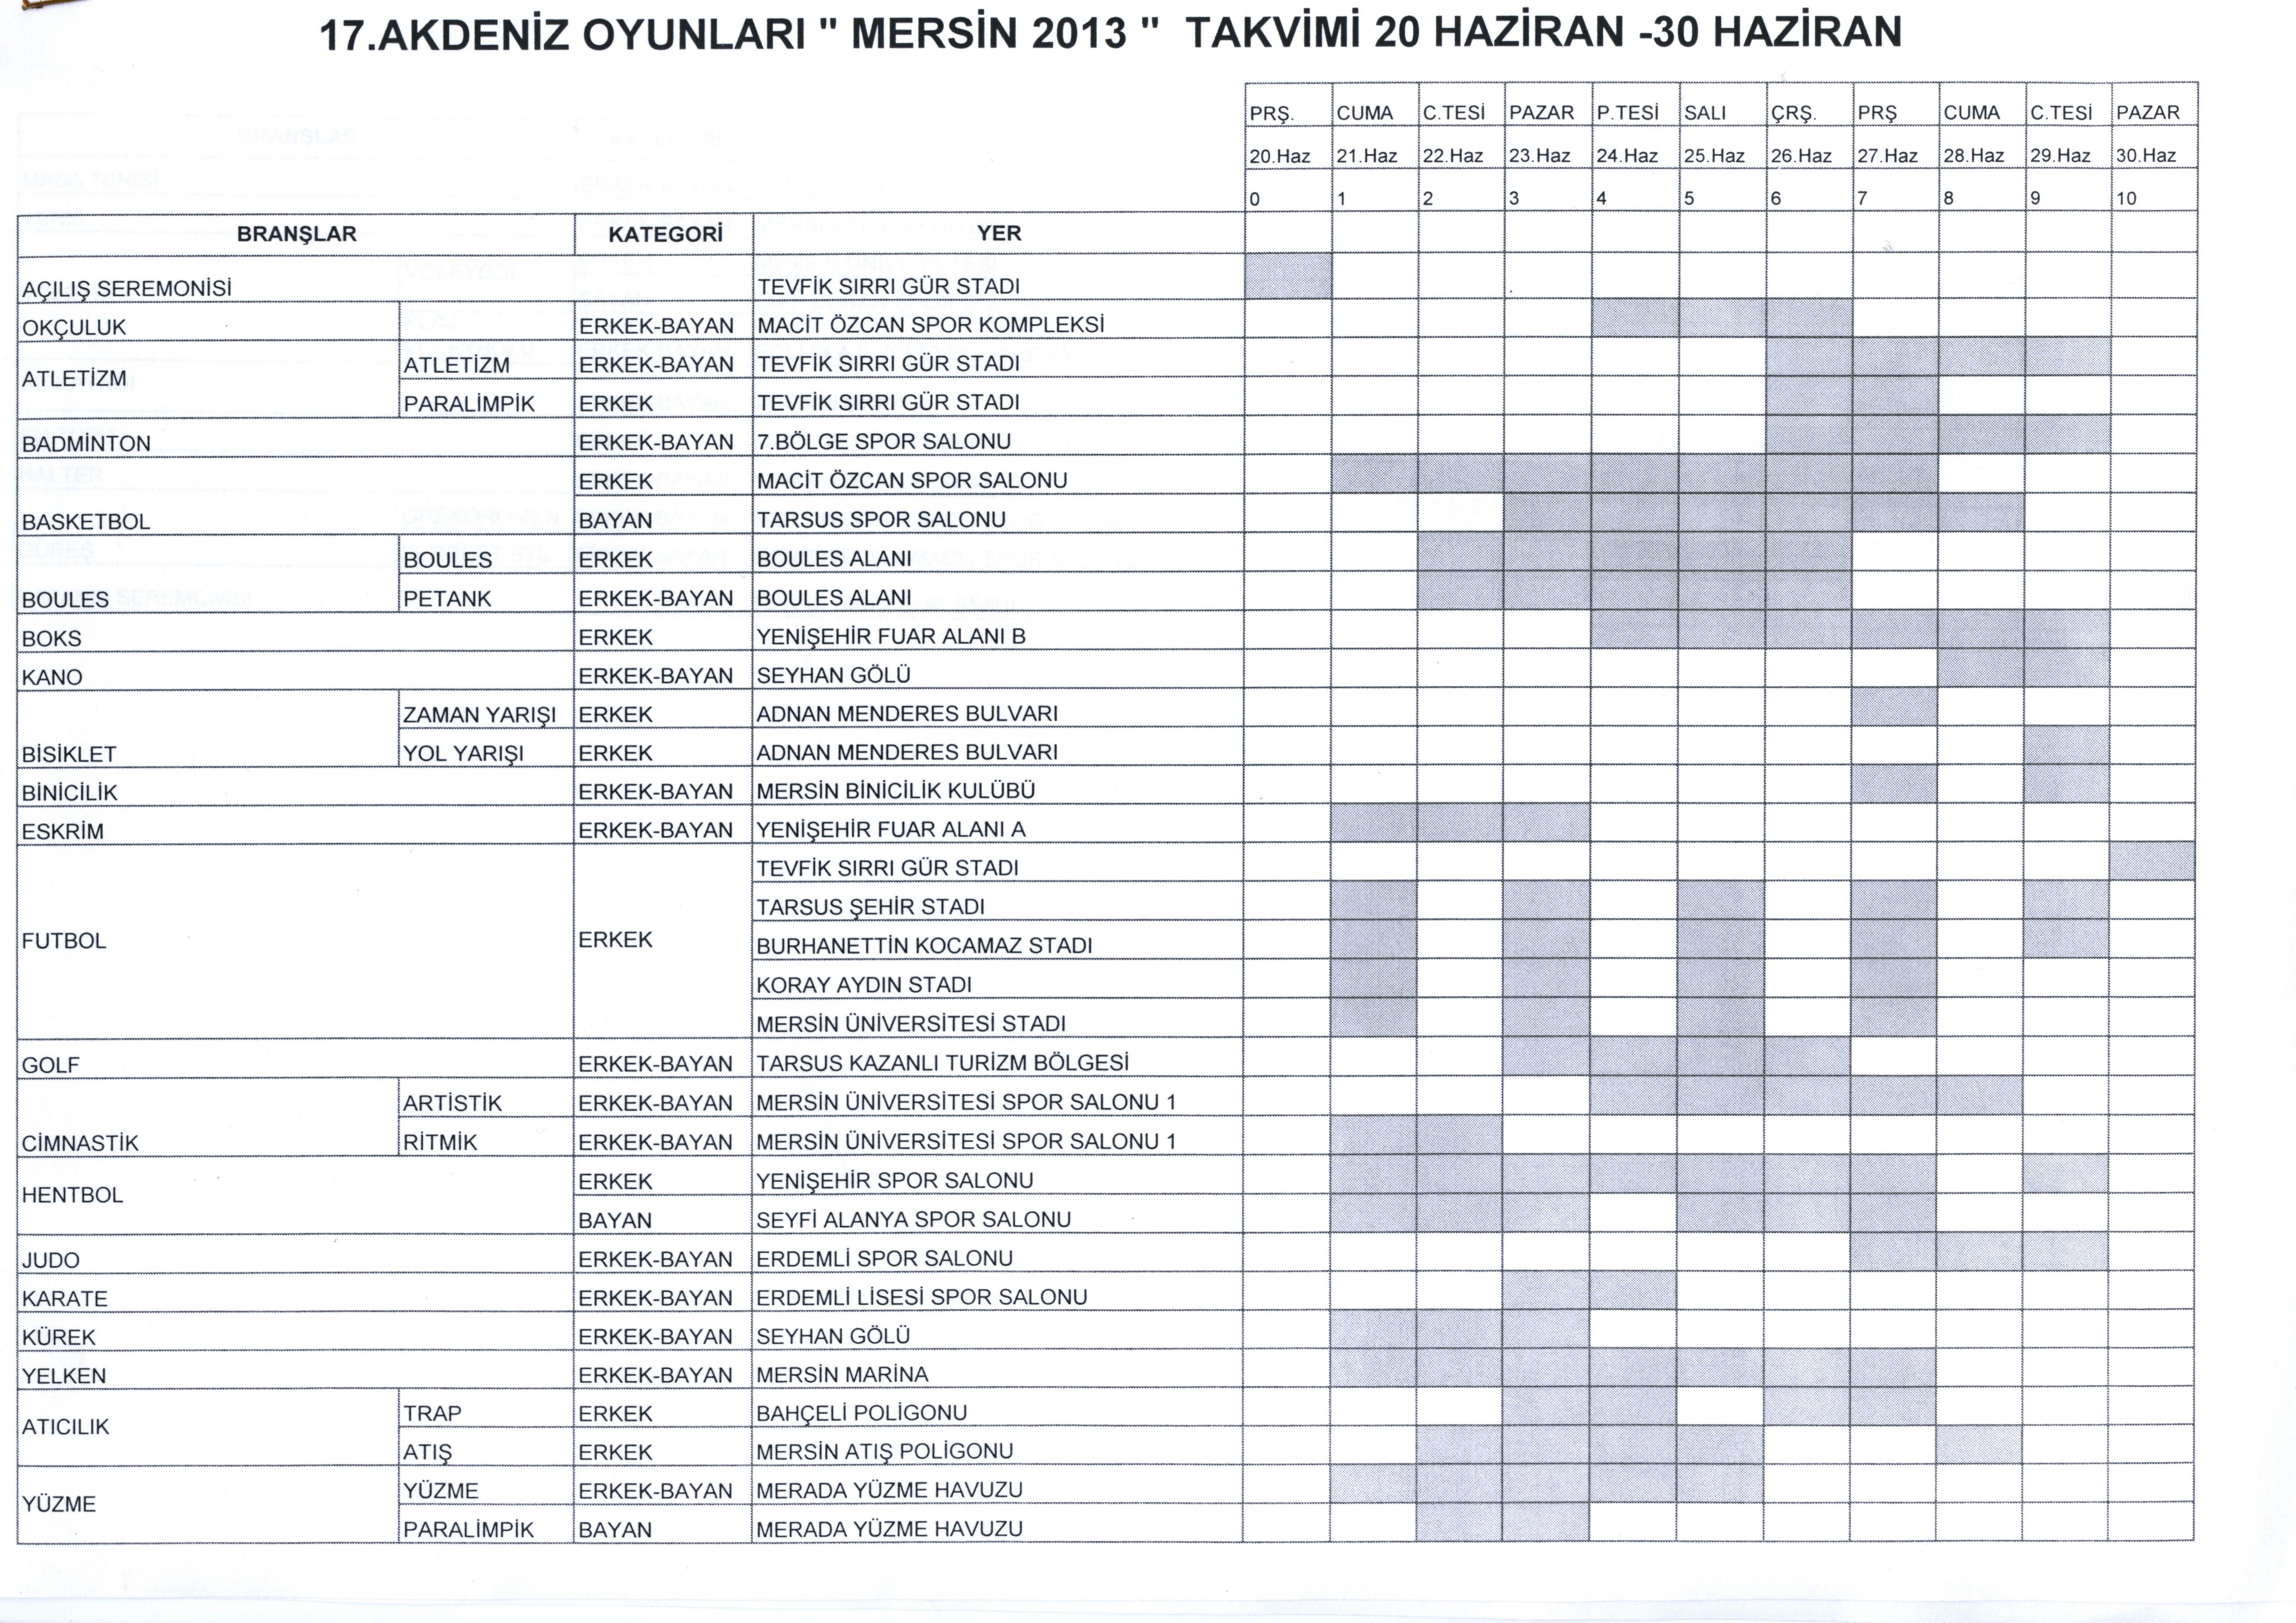 2013 Akdeniz Oyunları